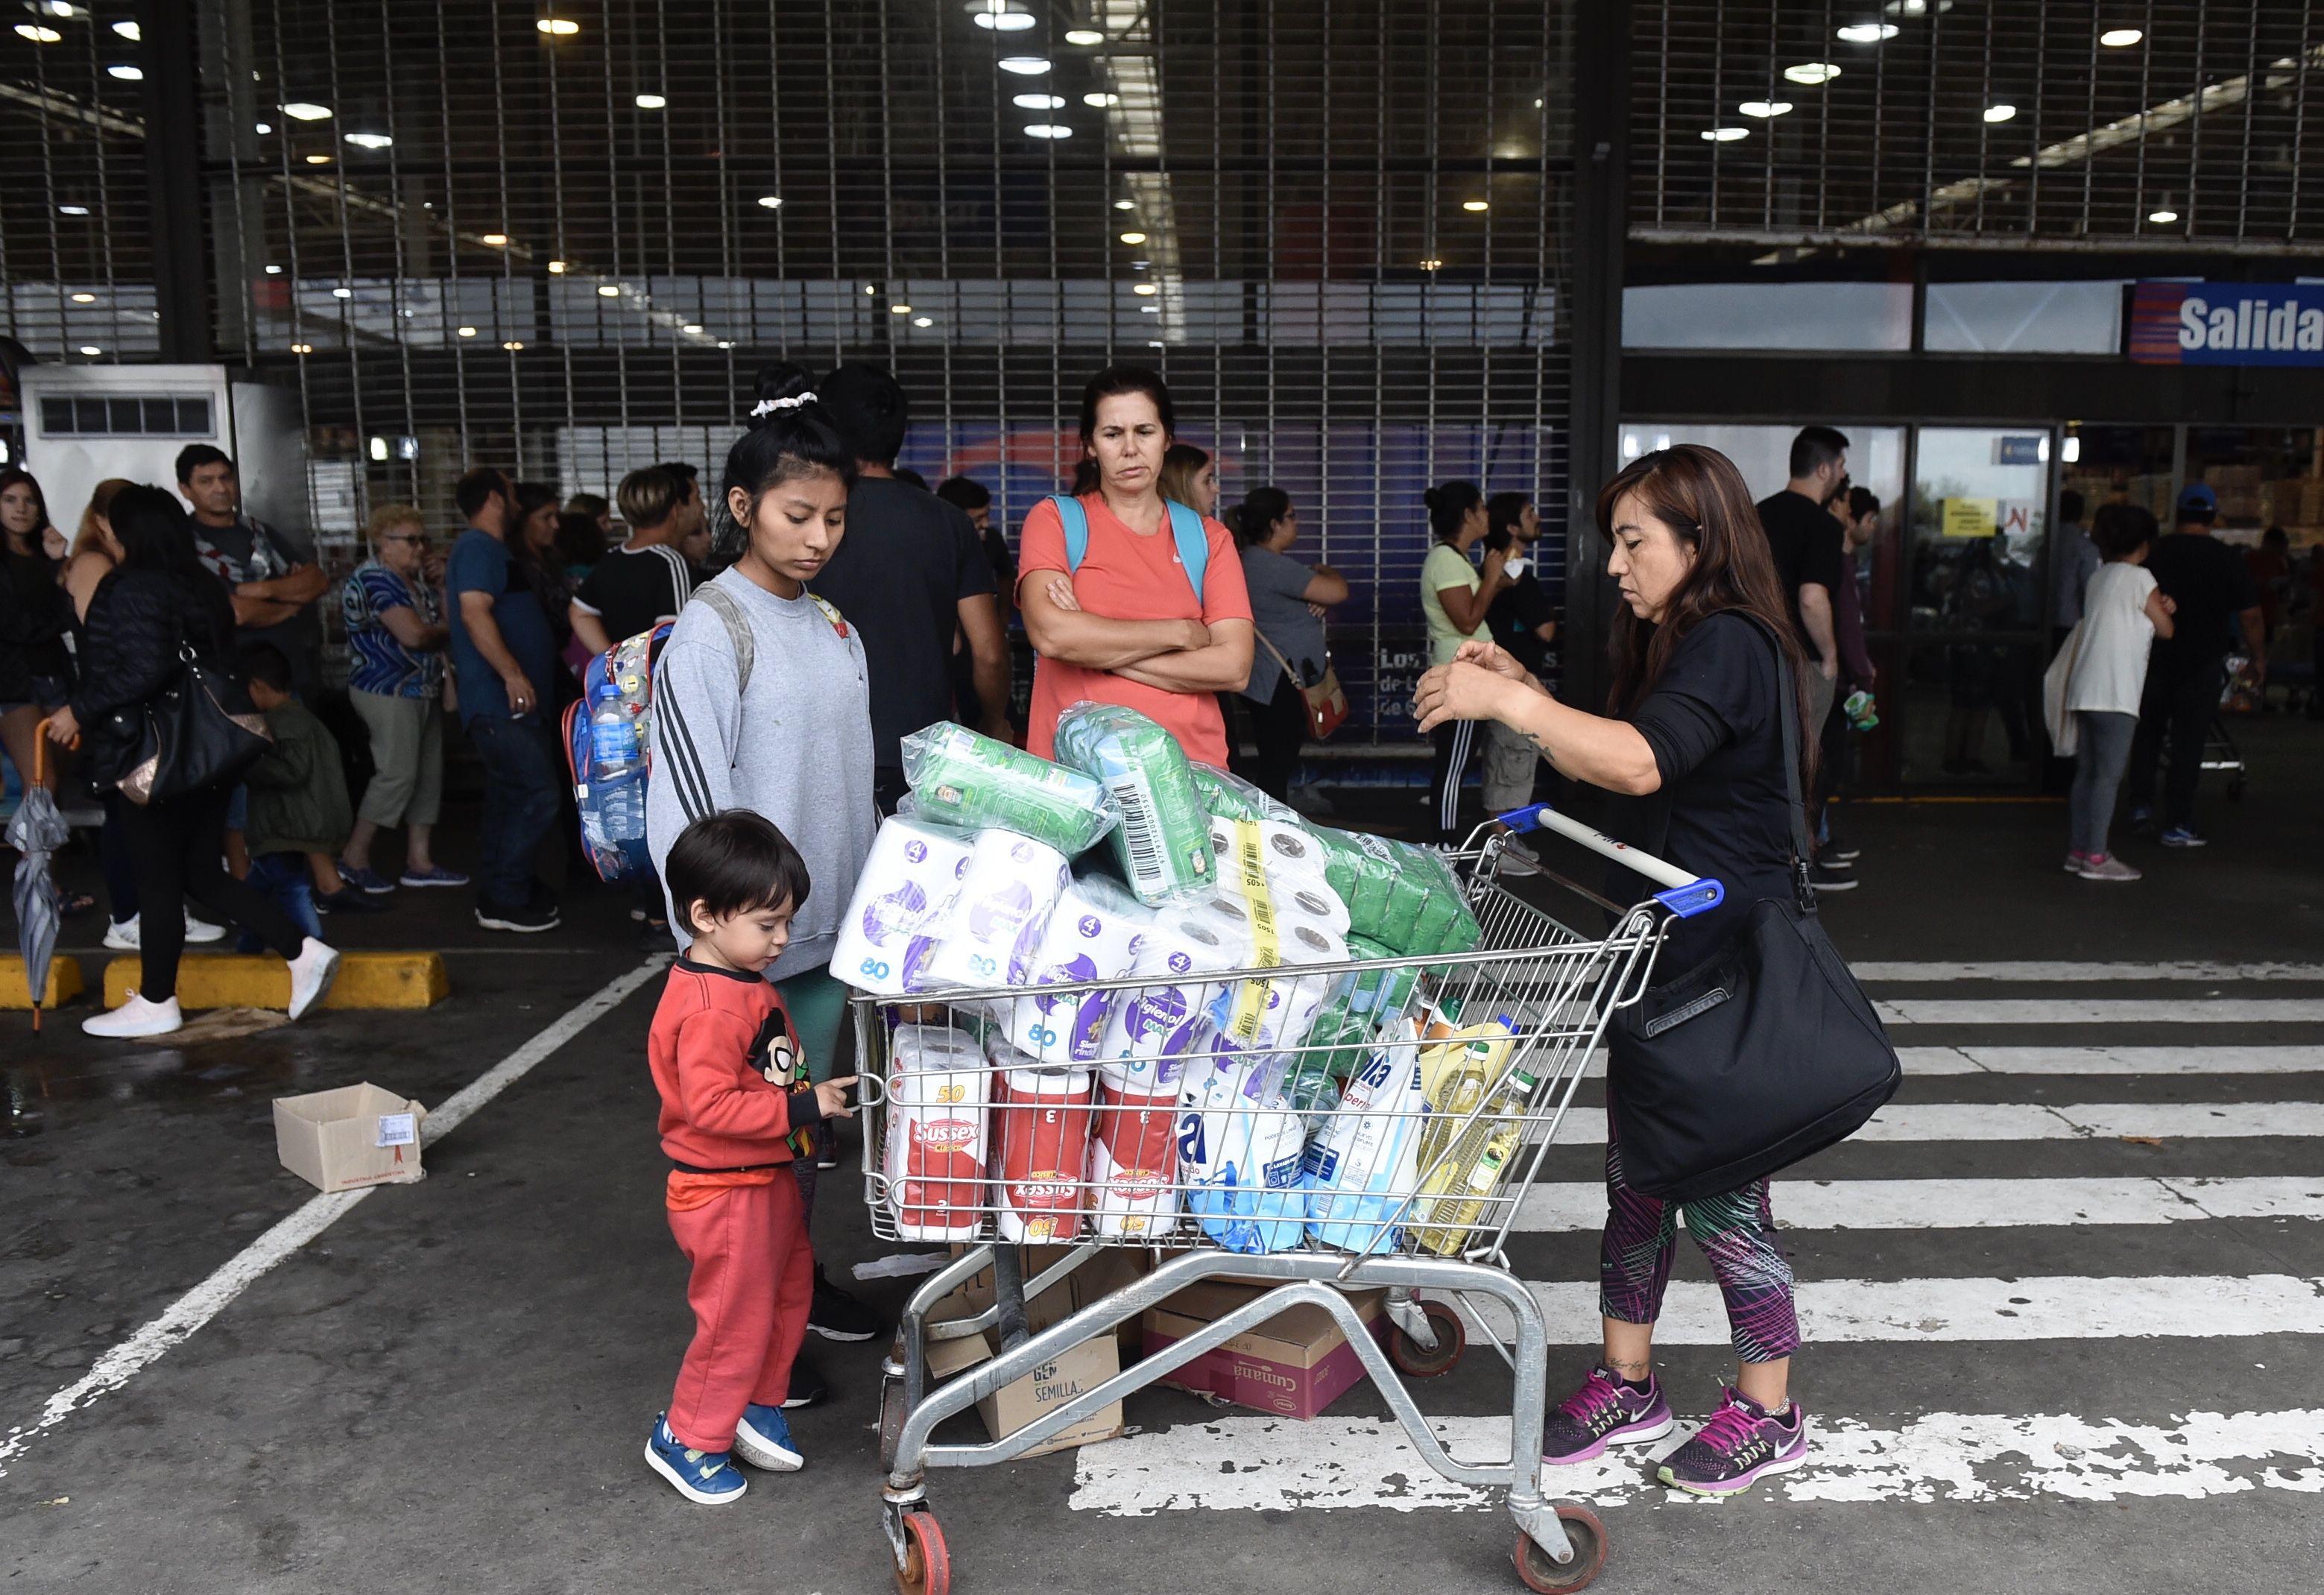 El papel higiénico fue uno de los productos más vendidos durante el pasado fin de semana (Marcos Gómez)